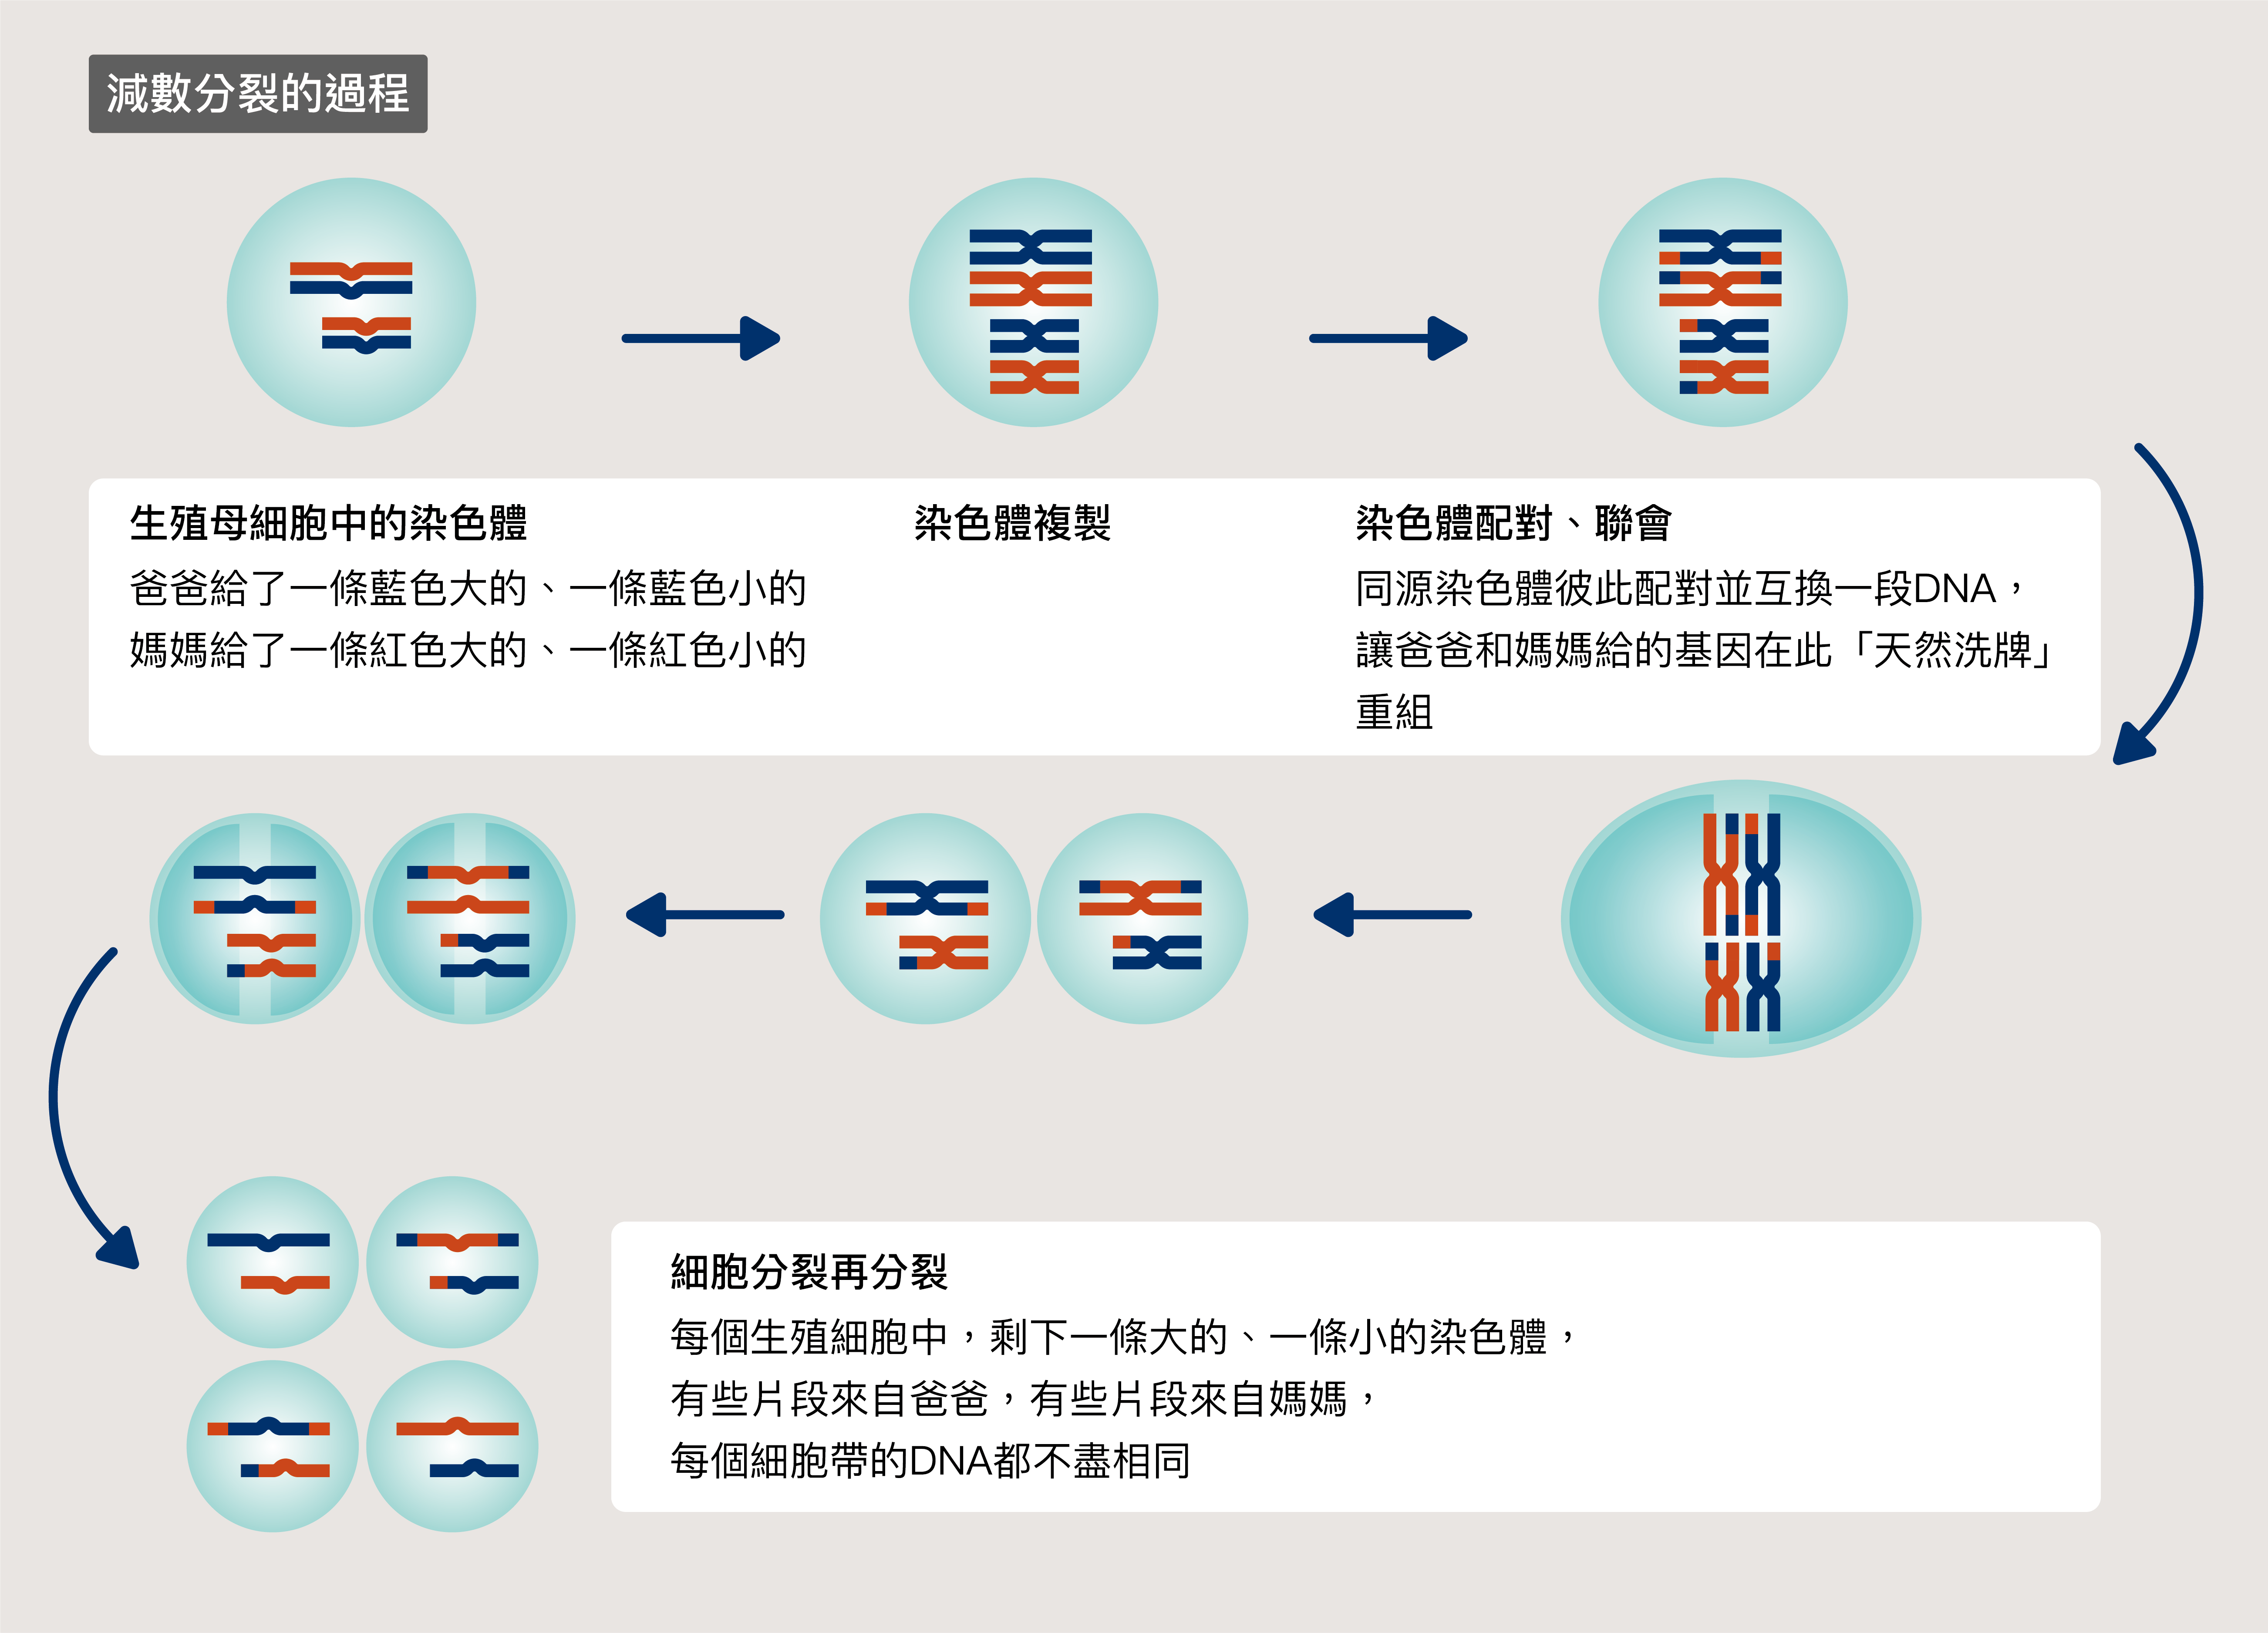 爸和媽媽的染色體,在細胞中要尋找彼此、配對互換 DNA, 才有機會生出更好的下一代 圖說設計│林婷嫻、張語辰